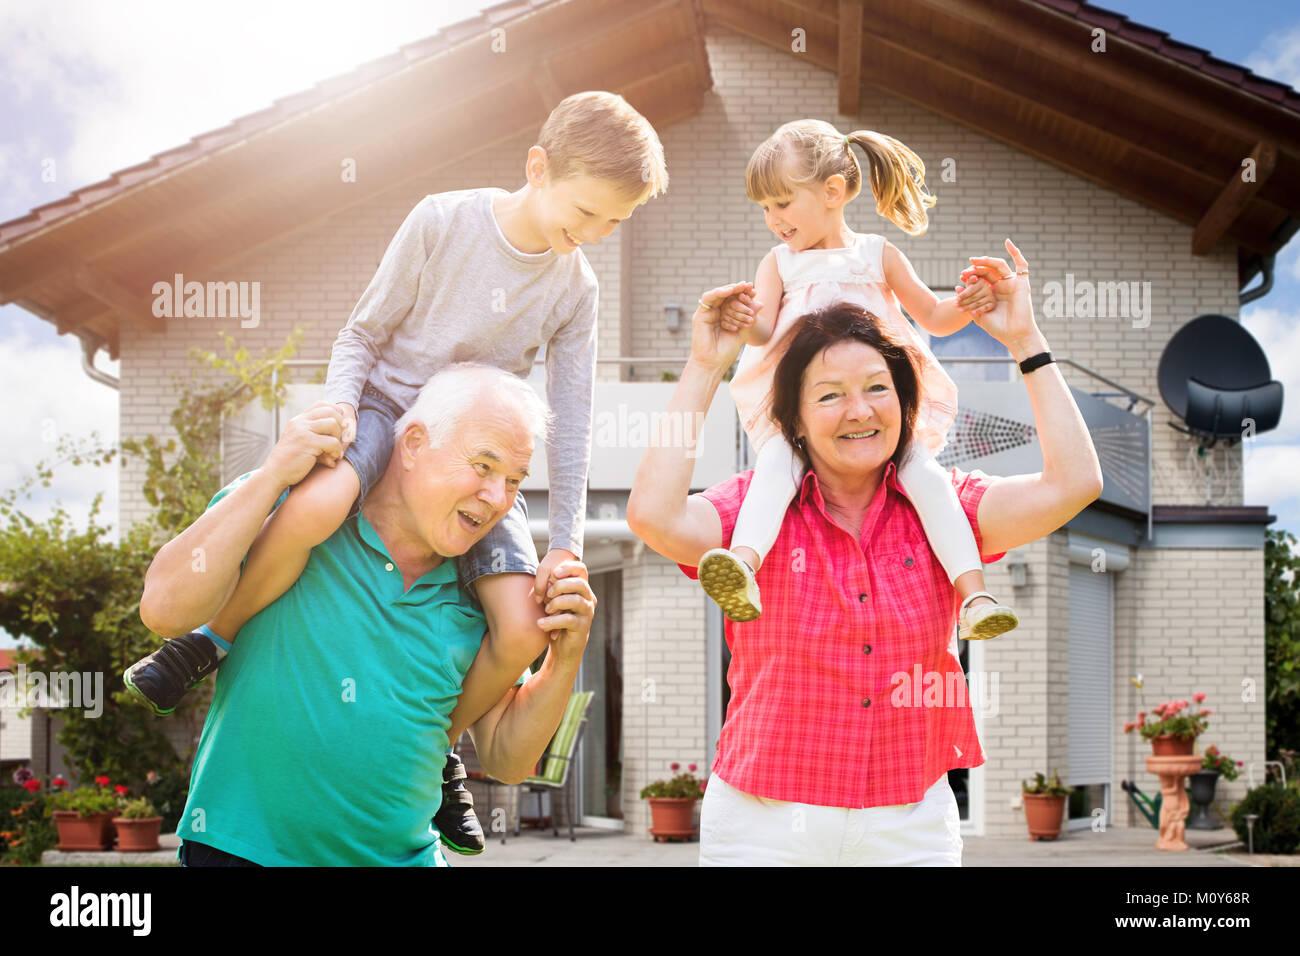 Smiling Grandchildren's Sitting On Grandparent's Shoulder Enjoying Outside Their House - Stock Image